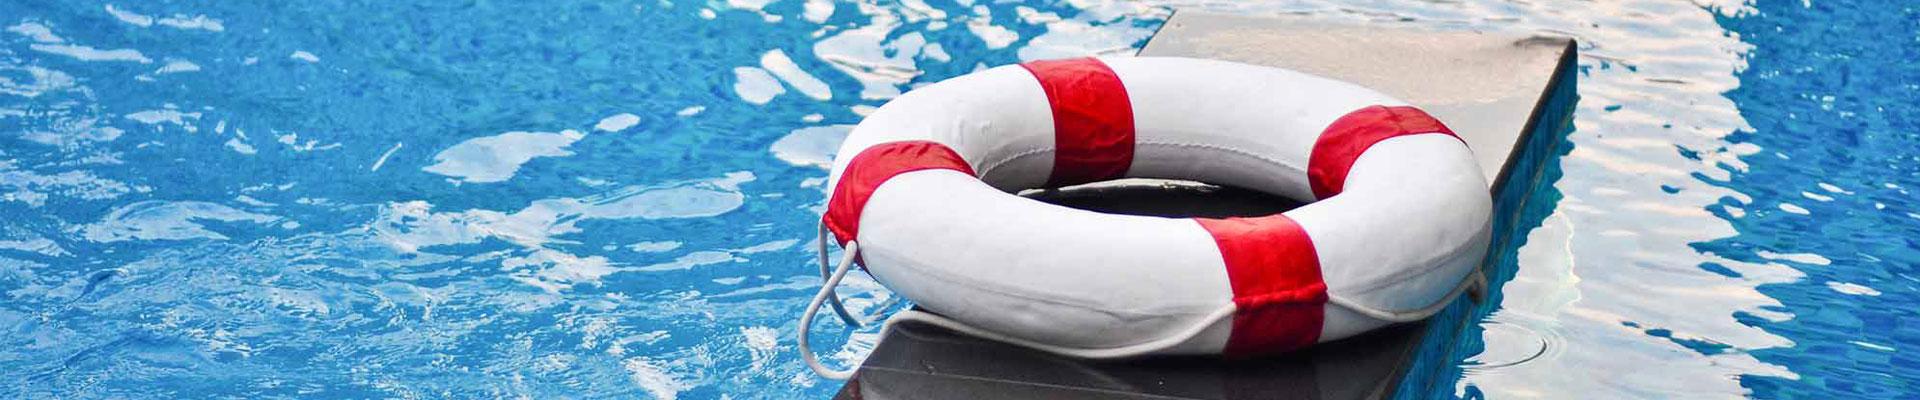 e1-pool-certifier